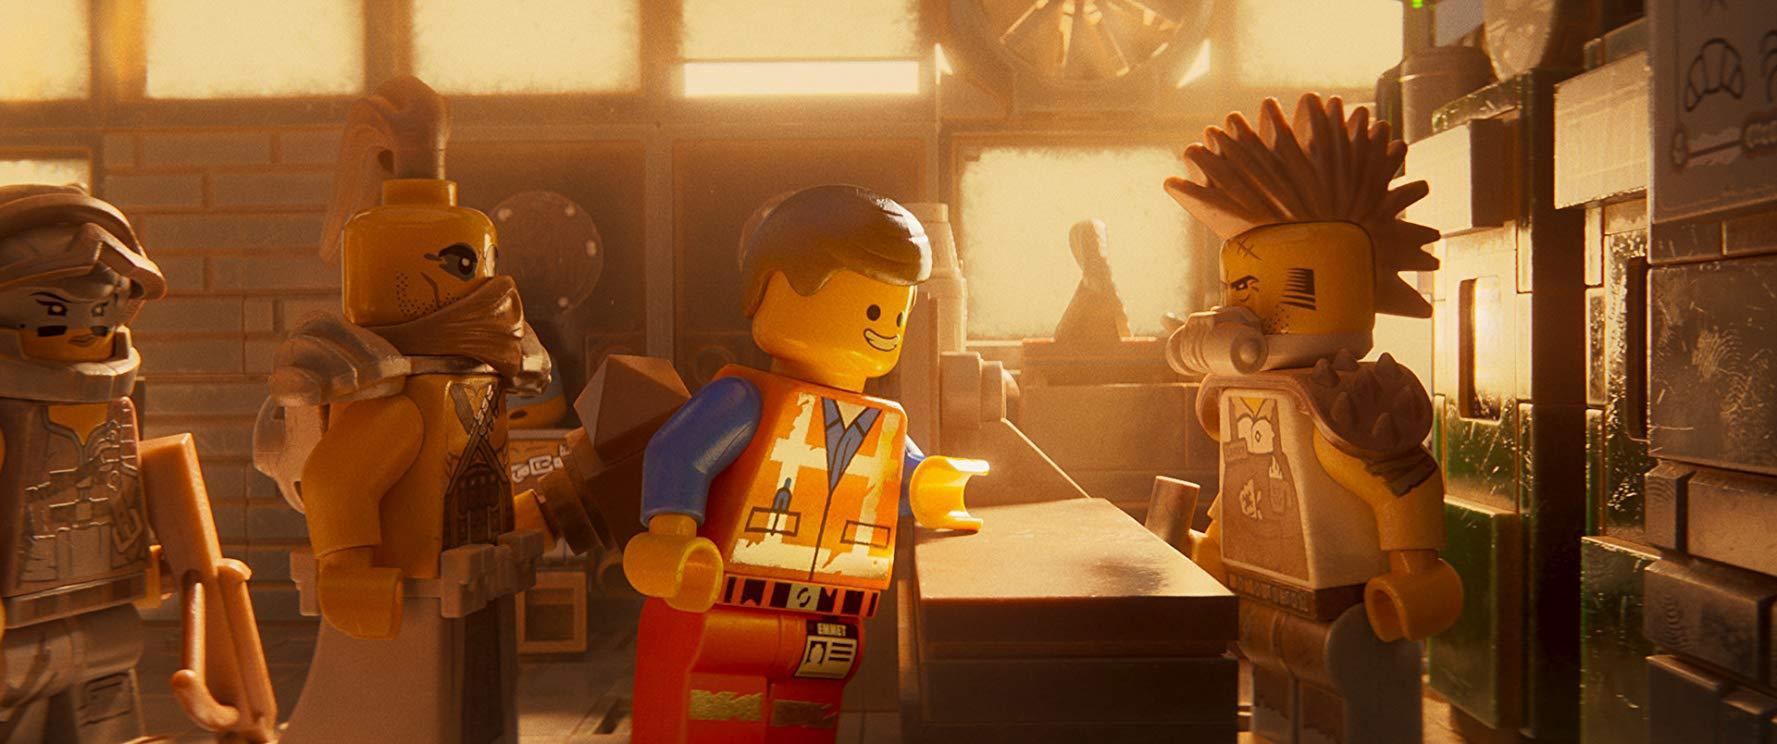 The Lego Movie 2: Una nuova avventura: Emmet in una situazione a rischio